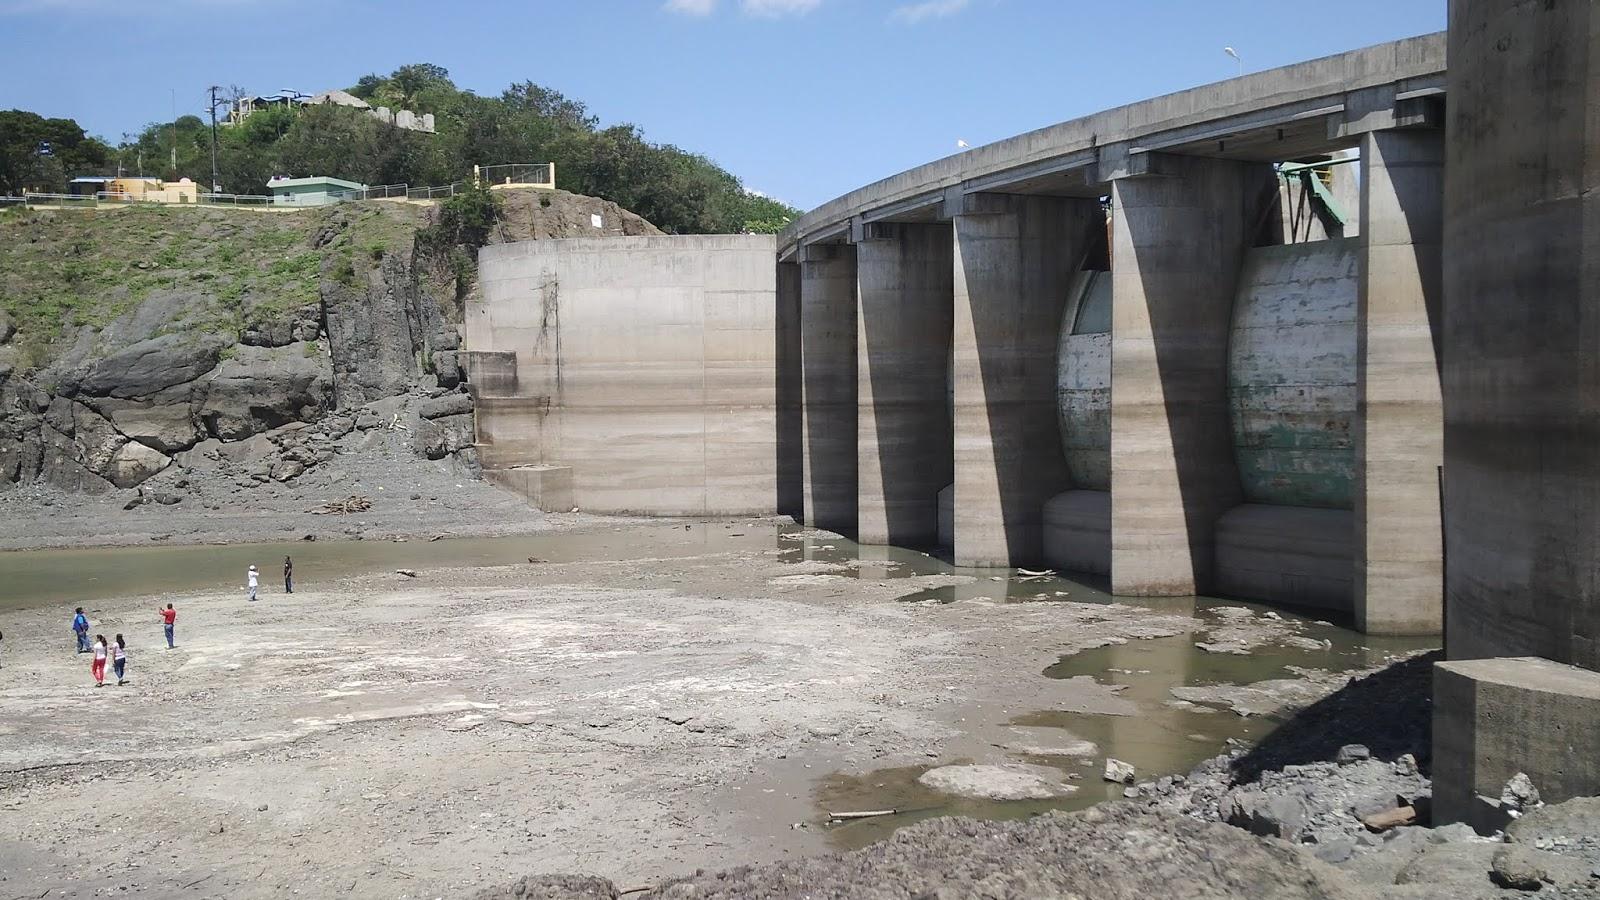 santiago30caballeros.com: Presa de Tavera se encuentra en estado delicado;  advierten sequía